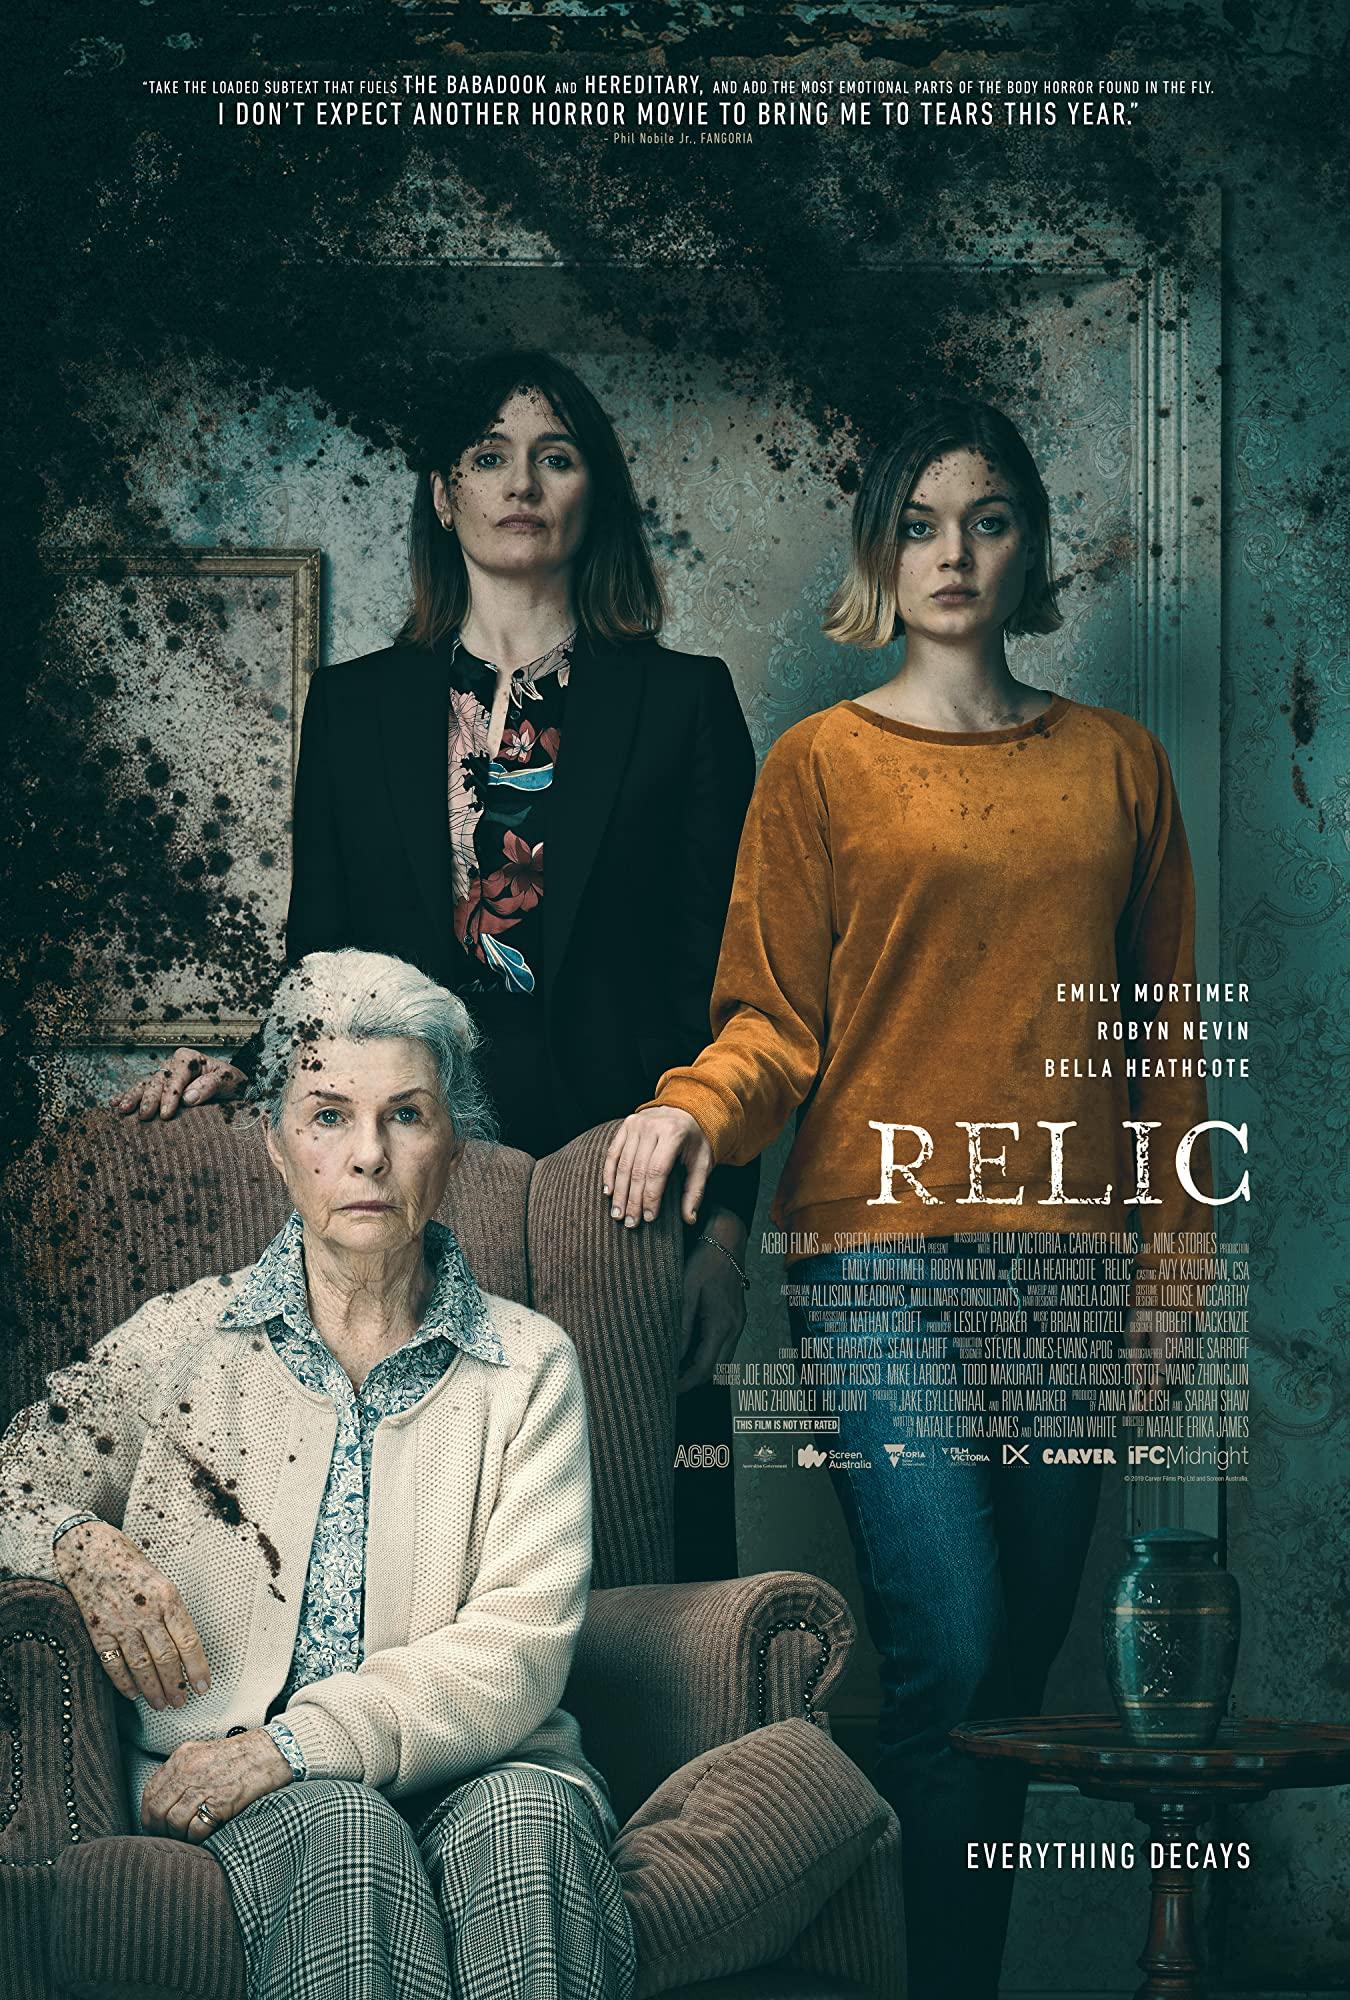 """Schauriger Trailer zum Horror-Drama """"Relic"""" mit Bella Heathcote erschienen"""